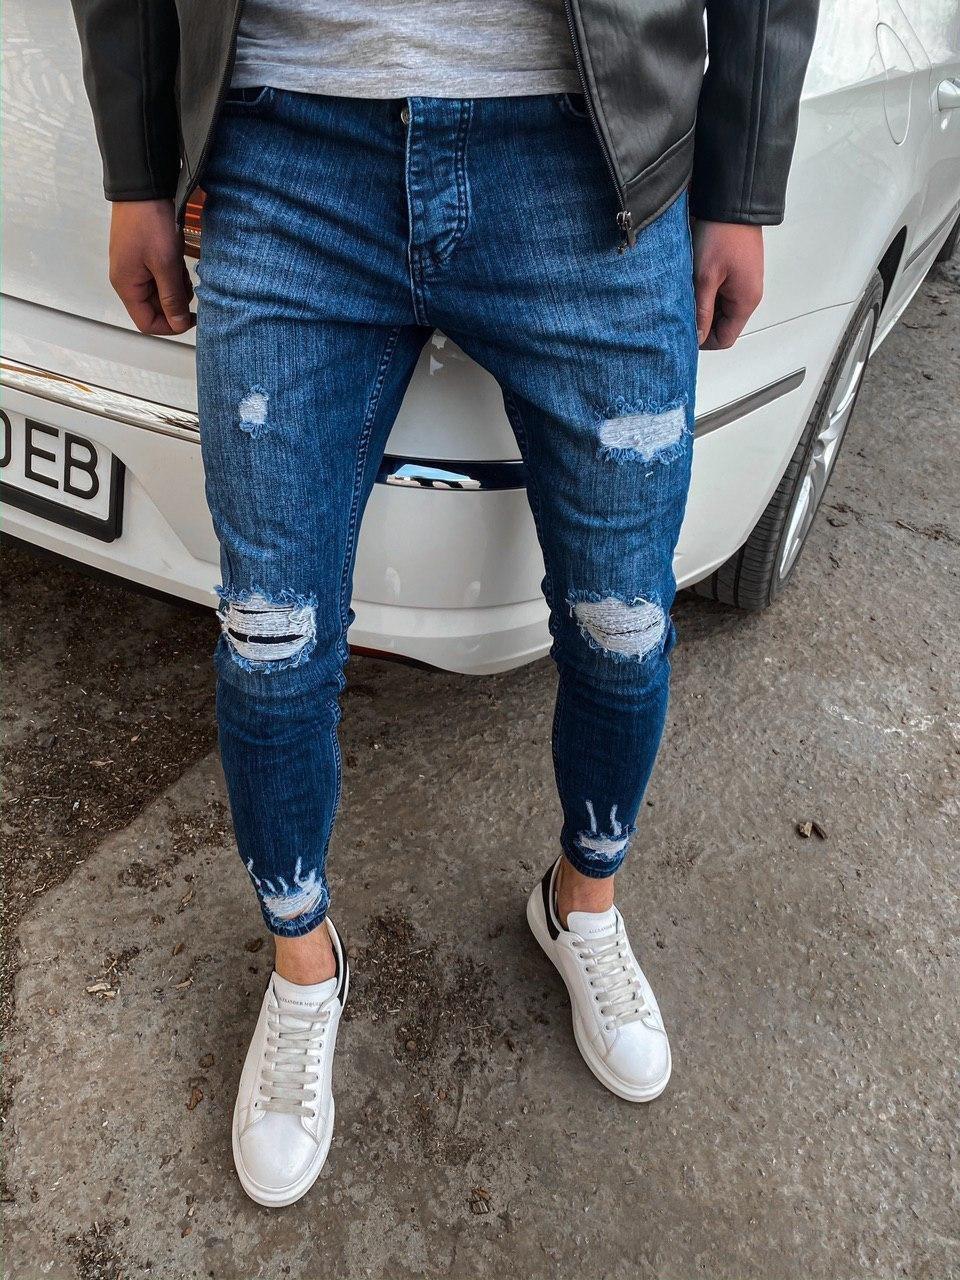 Мужские джинсы зауженные синие с заплатками 32. 33. 34